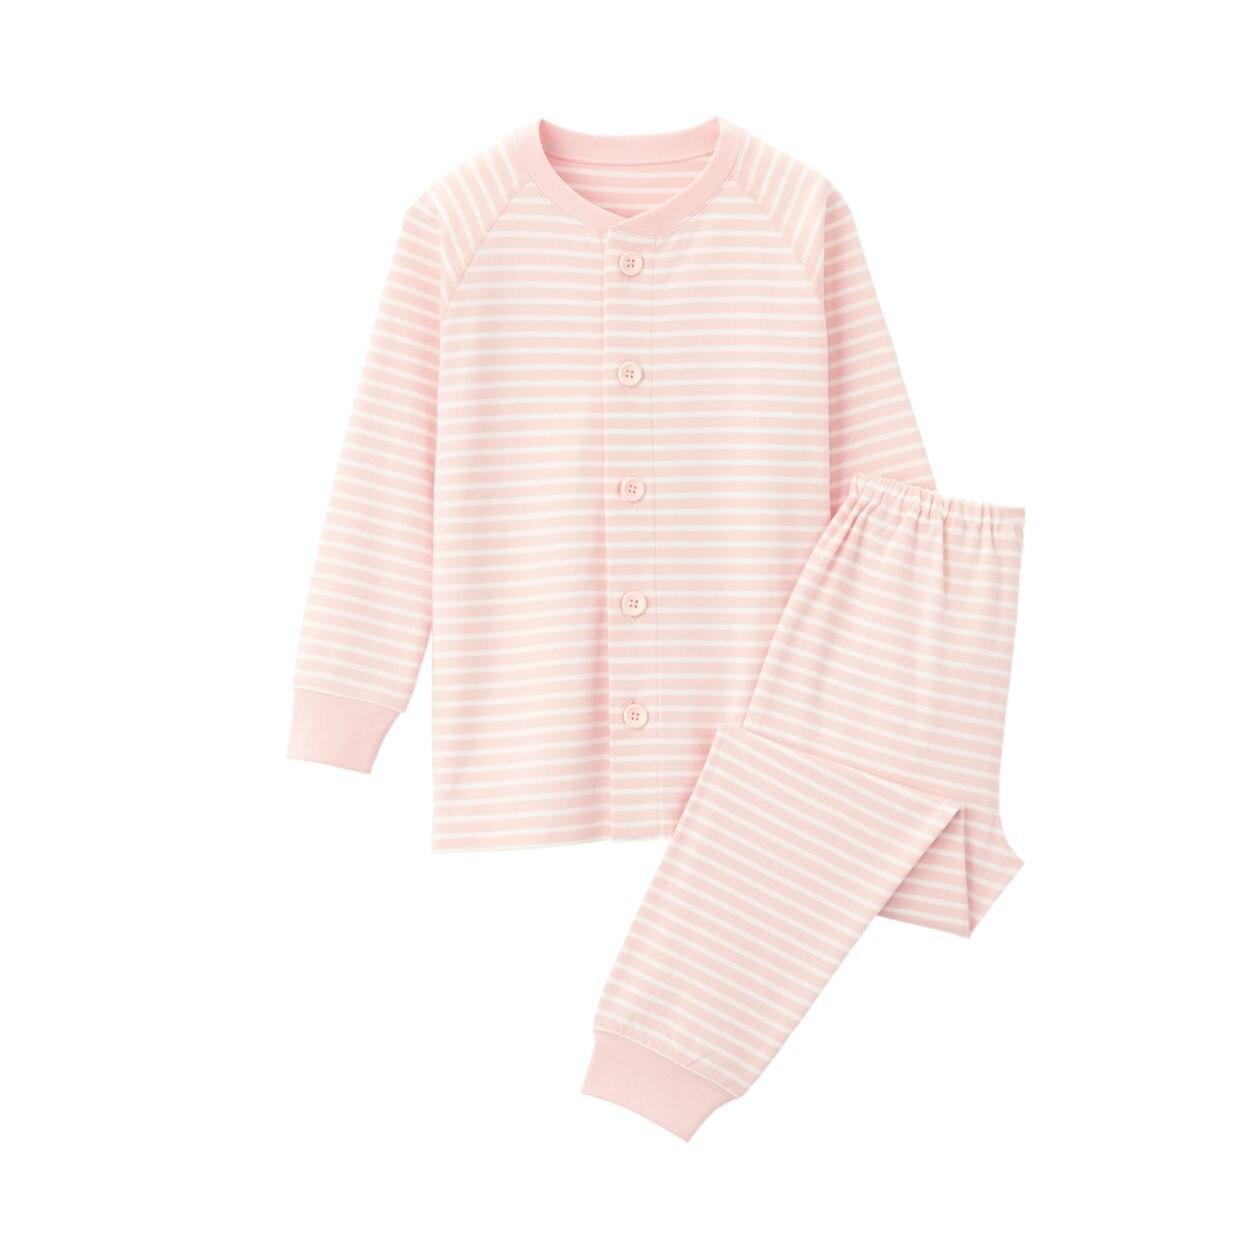 脇に縫い目のない スムース編みパジャマ(キッズ)